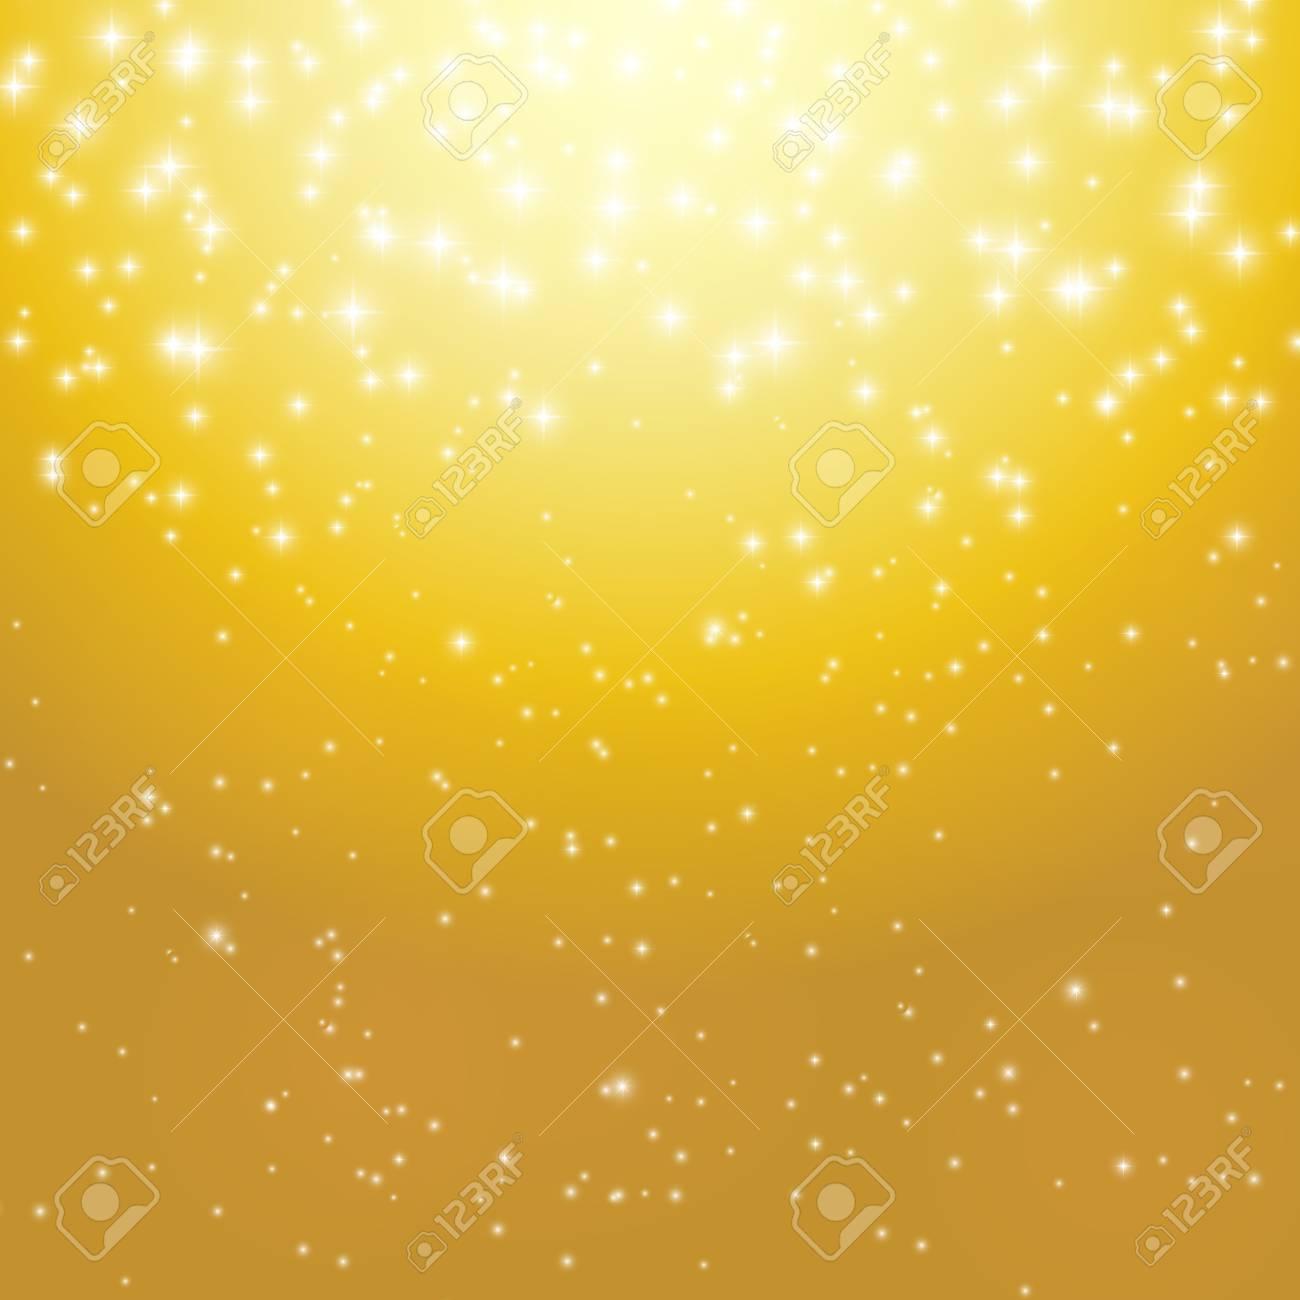 星の光る空ベクトル イラスト背景 eps10 ロイヤリティフリークリップ